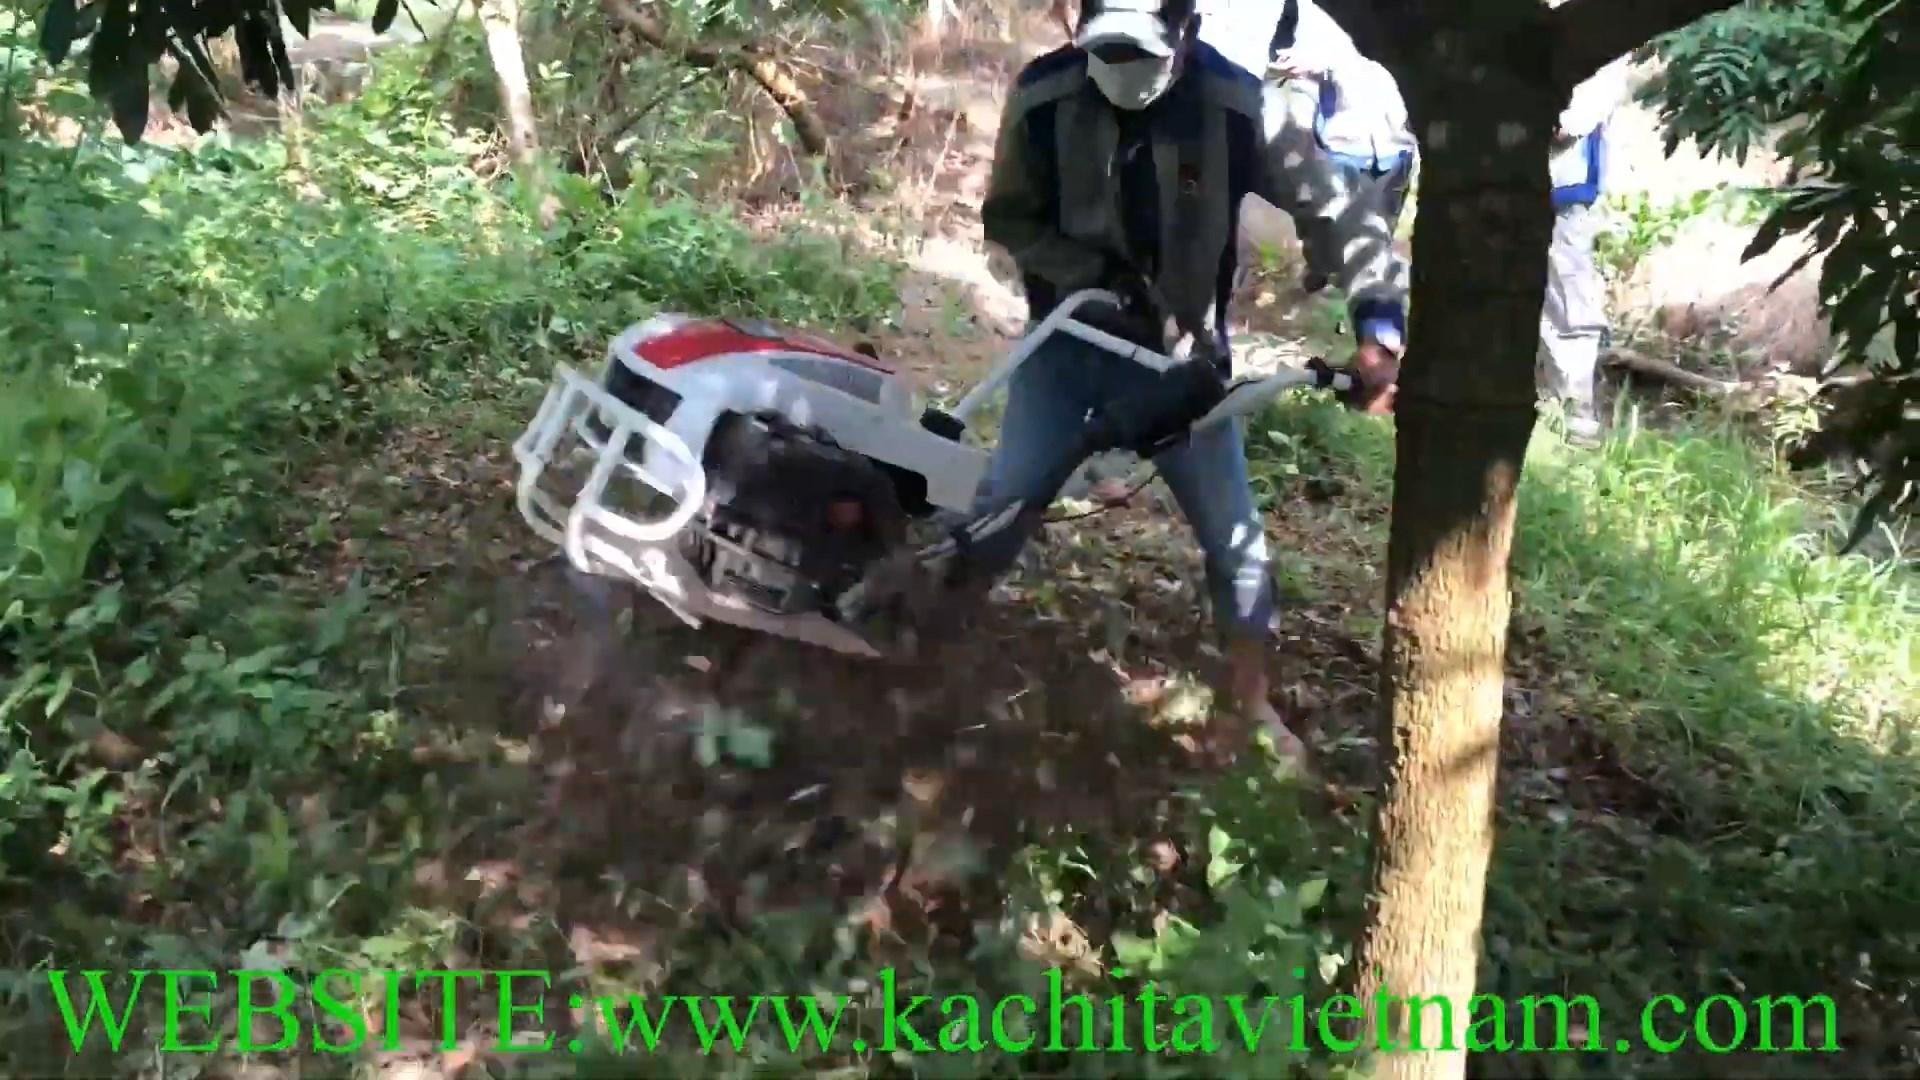 xạc cỏ vườn cây ăn trái bằng máy xới đất chạy xăng kachita